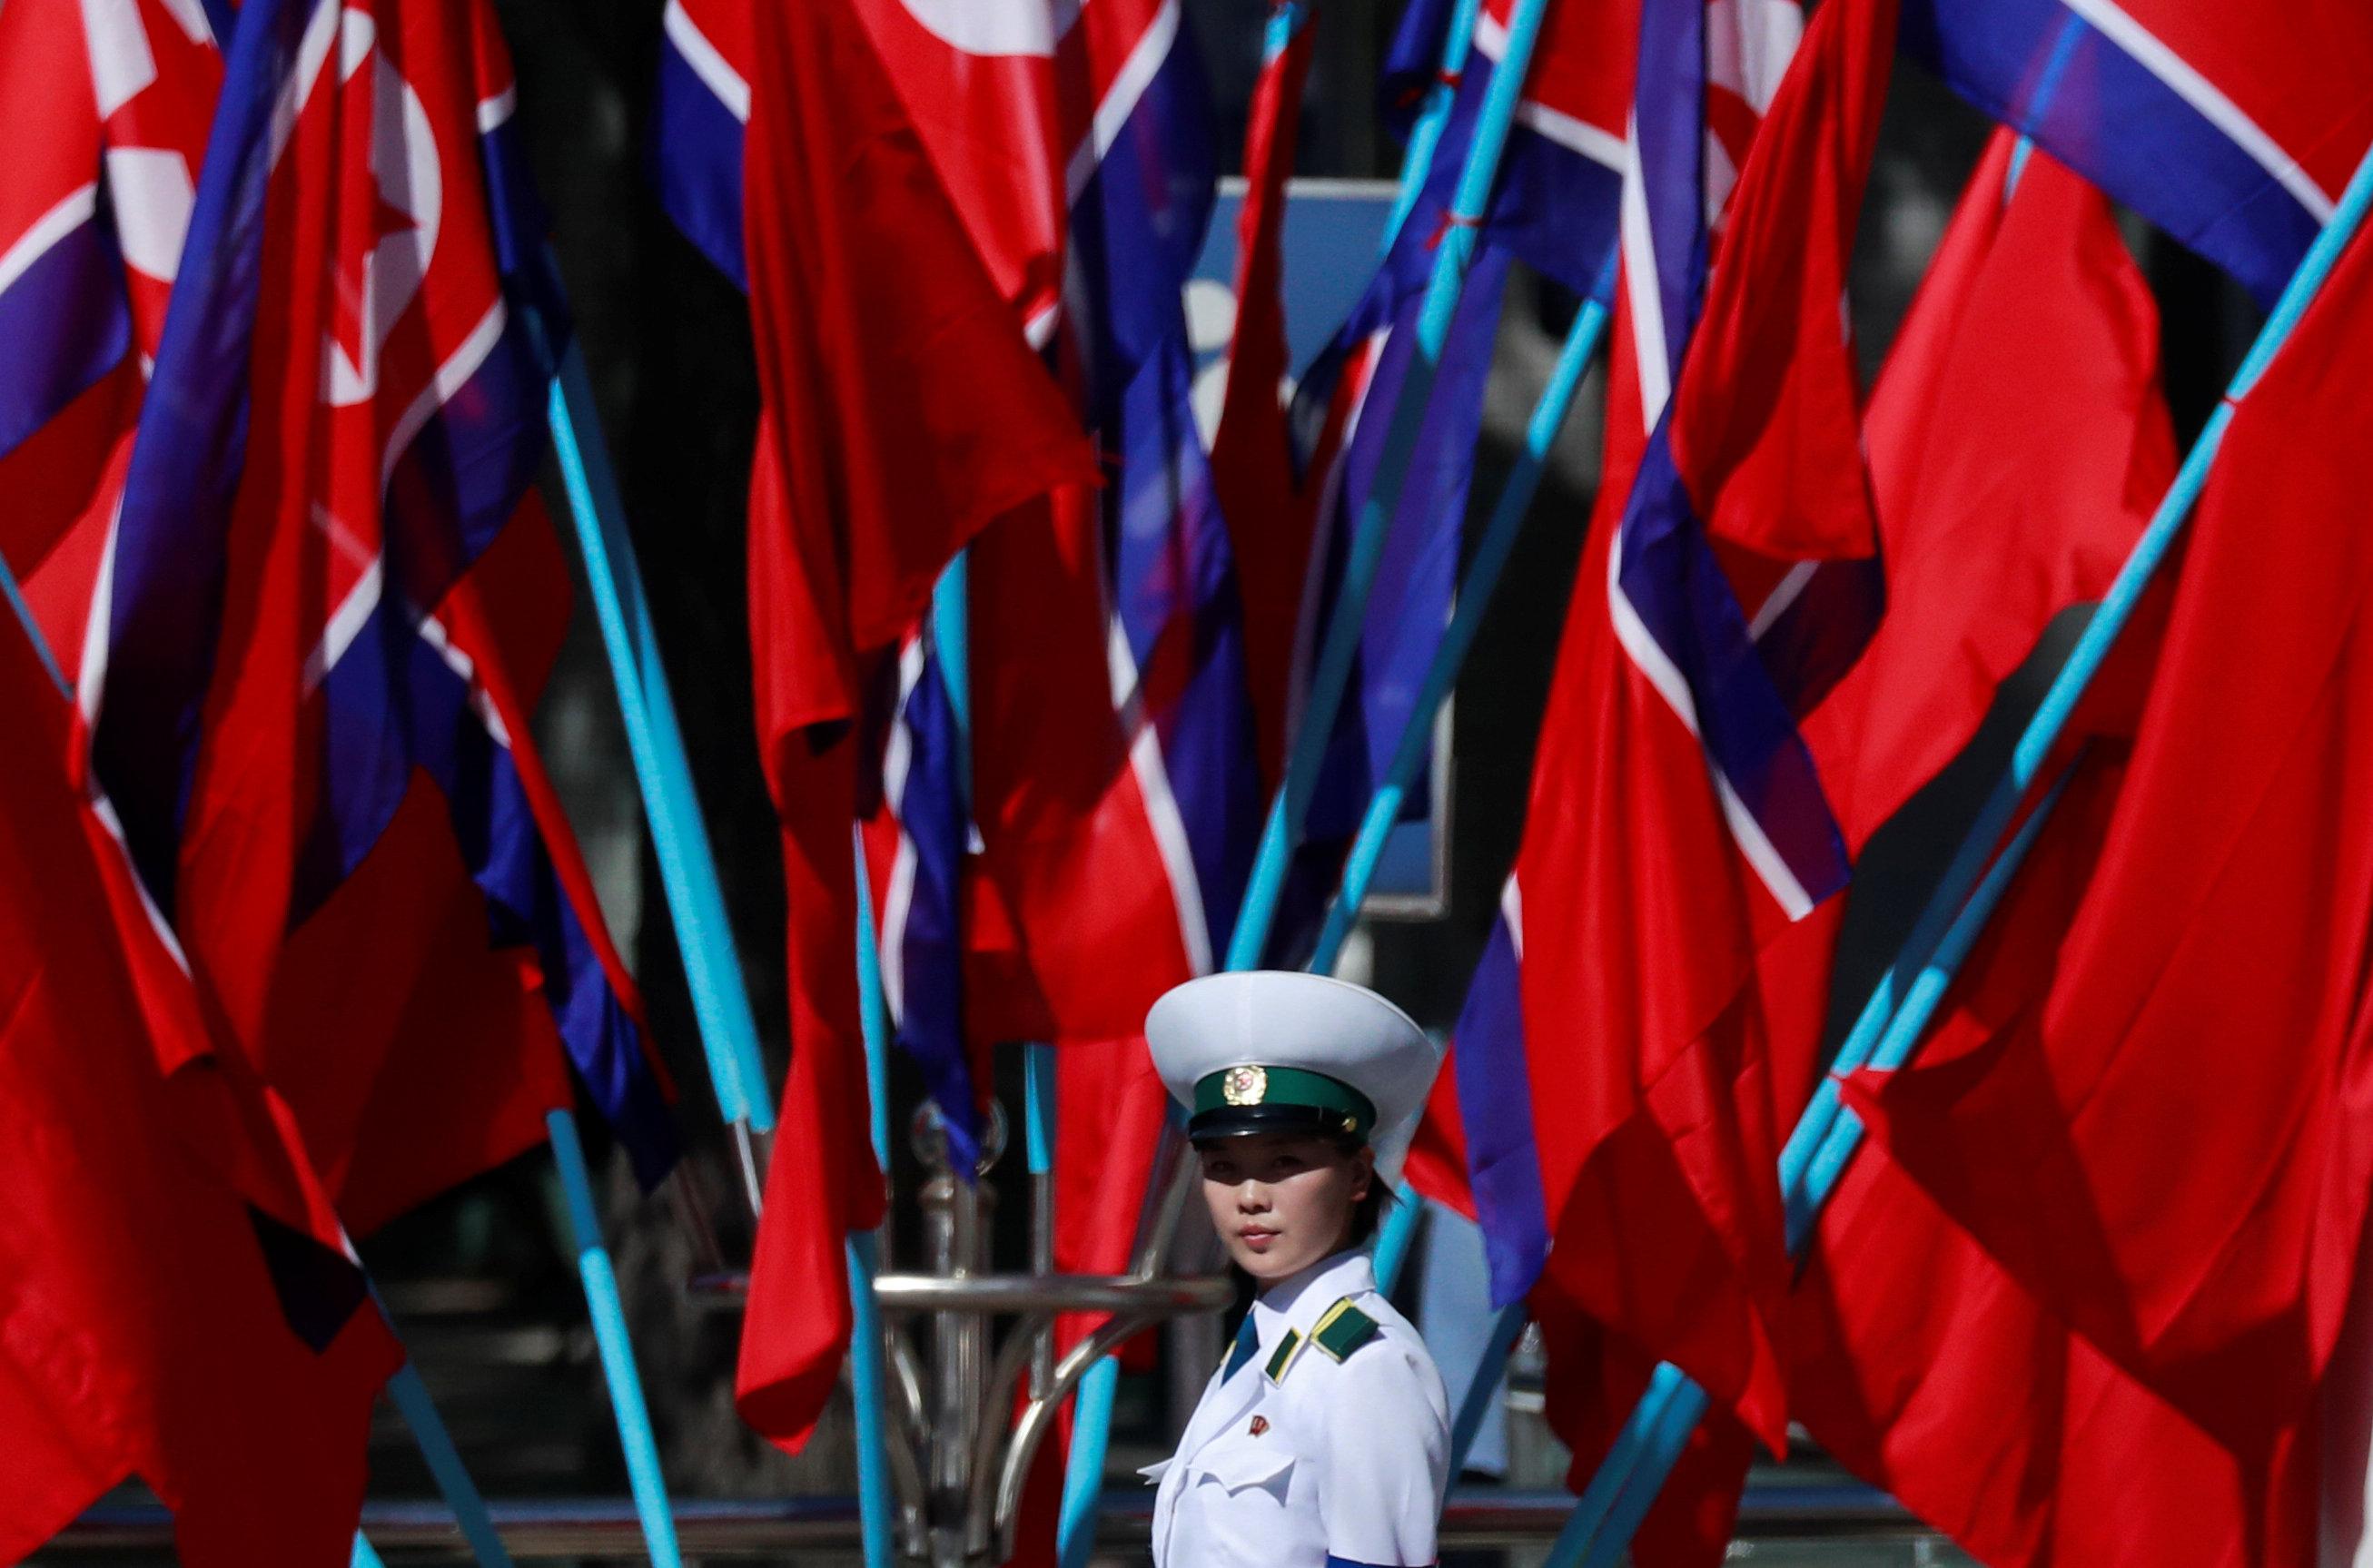 امرأة شرطة تنظم المرور قبل الذكرى السبعين لتأسيس كوريا الشمالية